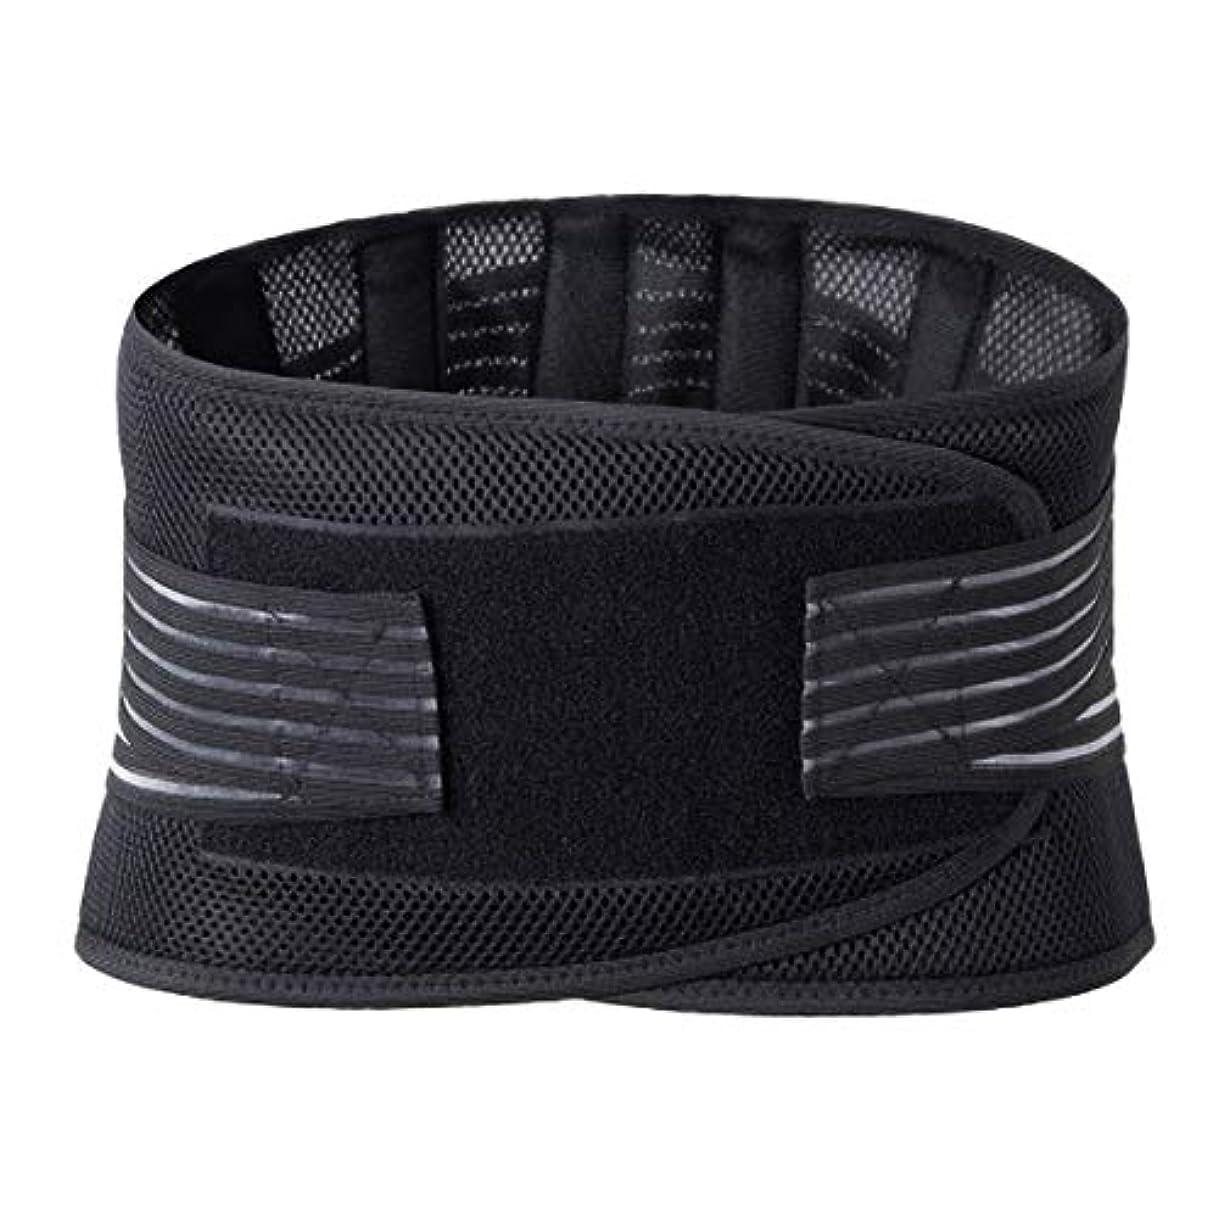 花婿衰える送ったランバーウエストサポートバックブレースベルトウエストサポートブレースフィットネススポーツ保護姿勢コレクター再構築 - ブラック